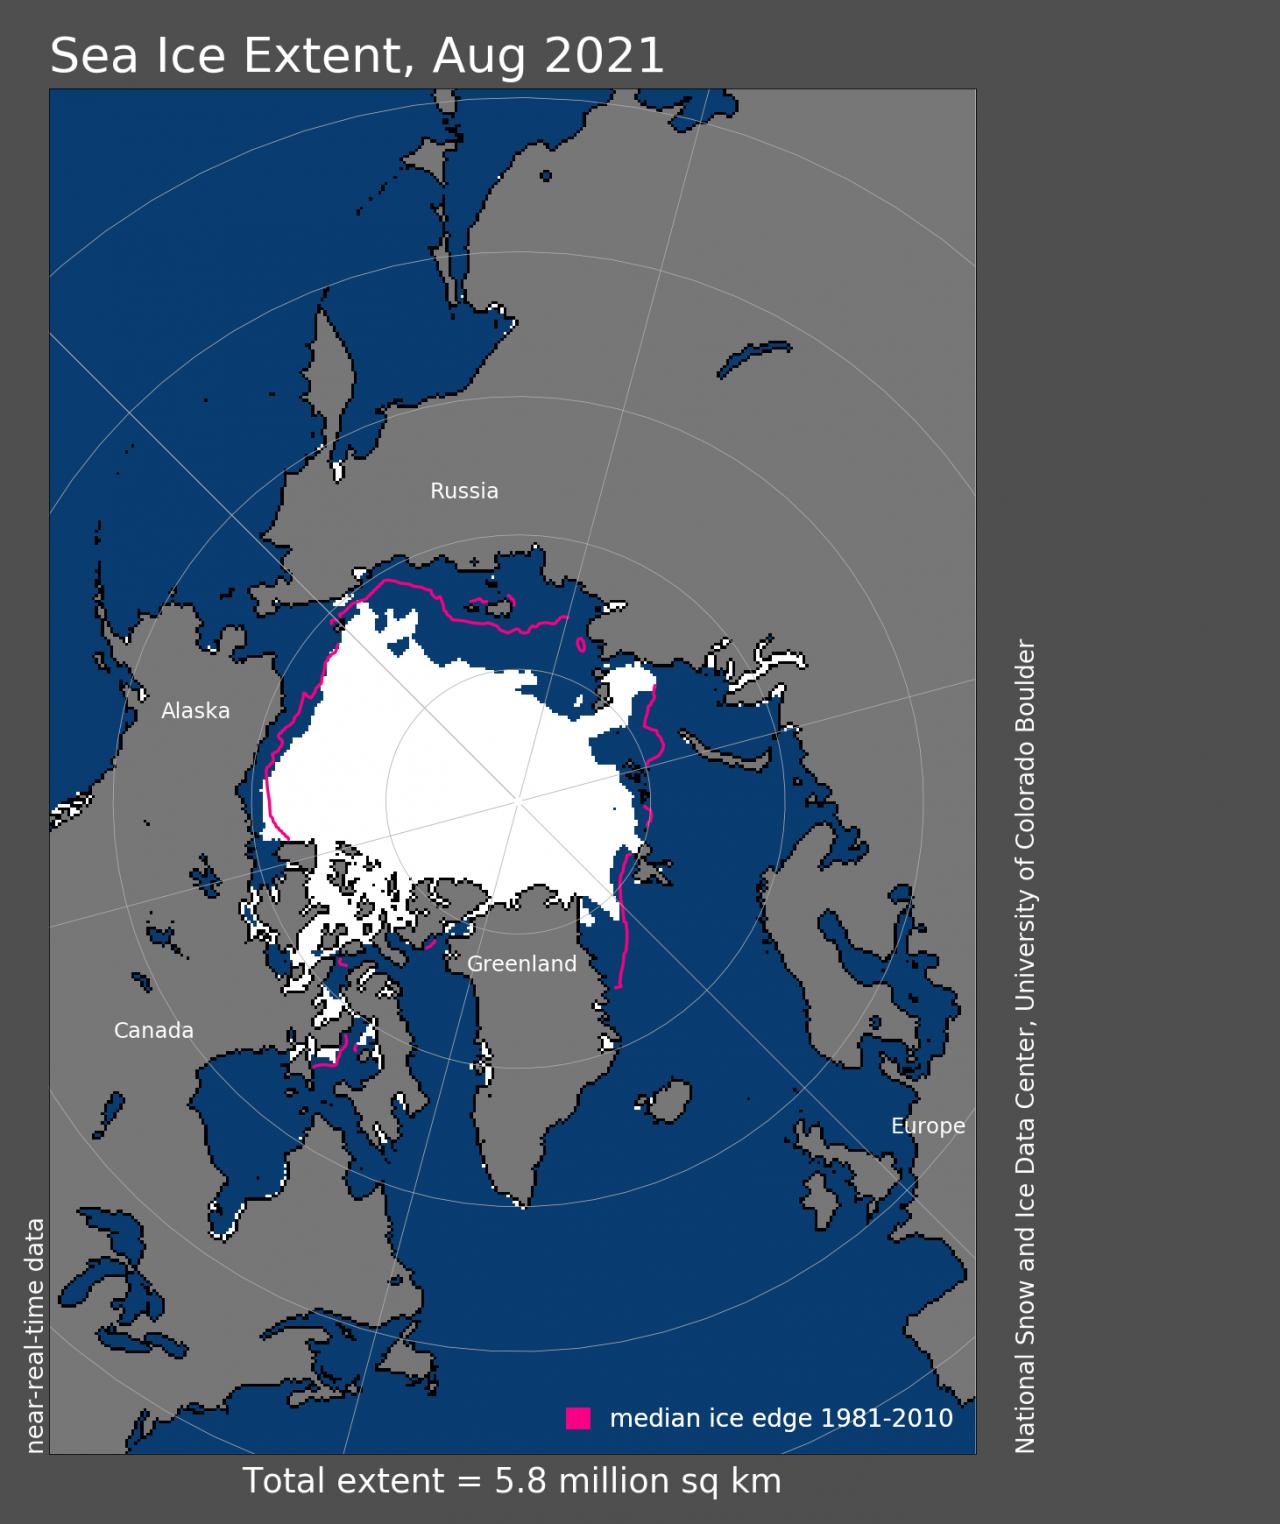 Estensione ghiacci marini artici ad Agosto - Credito: National Snow and Ice Data Center Immagine ad alta risoluzione